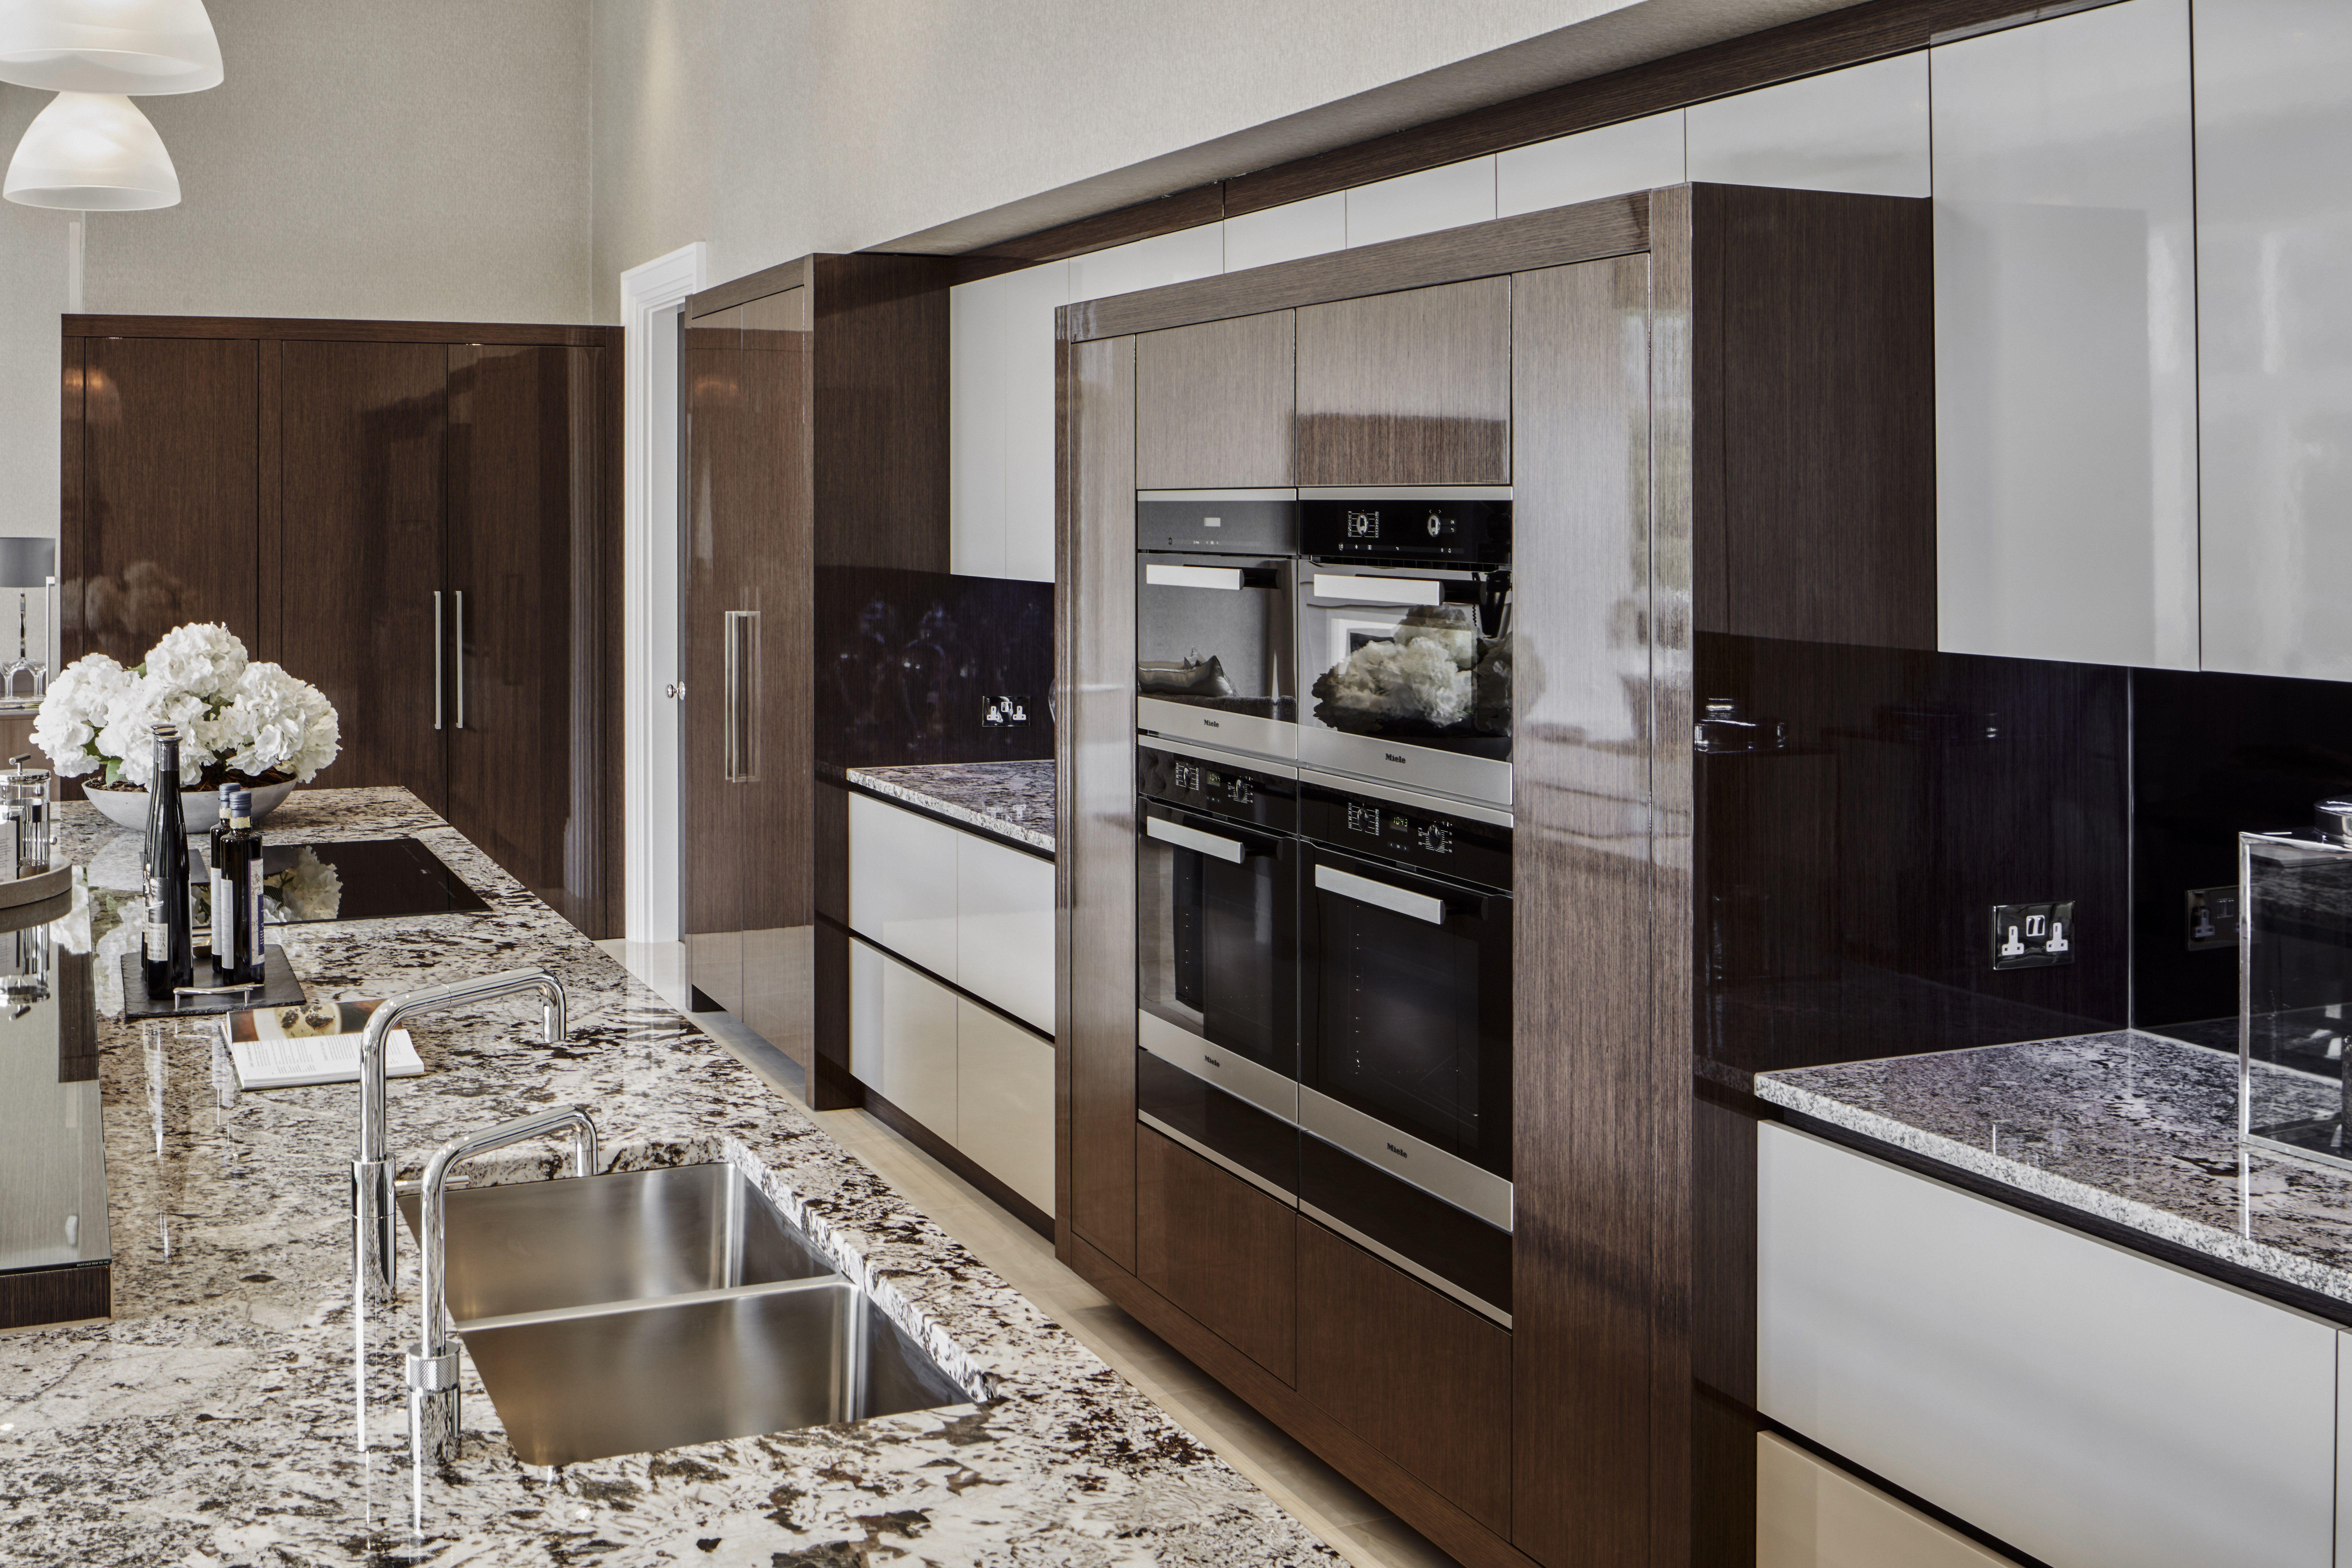 Best Extreme High Gloss Luxury Kitchen Design European 640 x 480